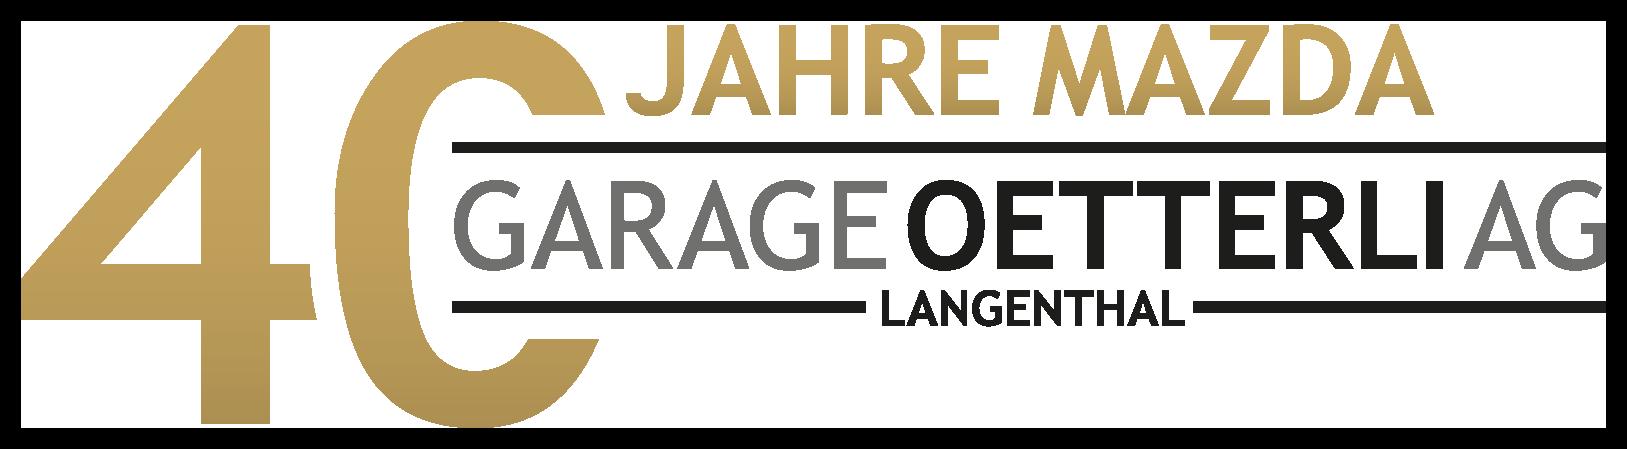 Garage Oetterli AG - Ihre Mazda Garage in Langenthal